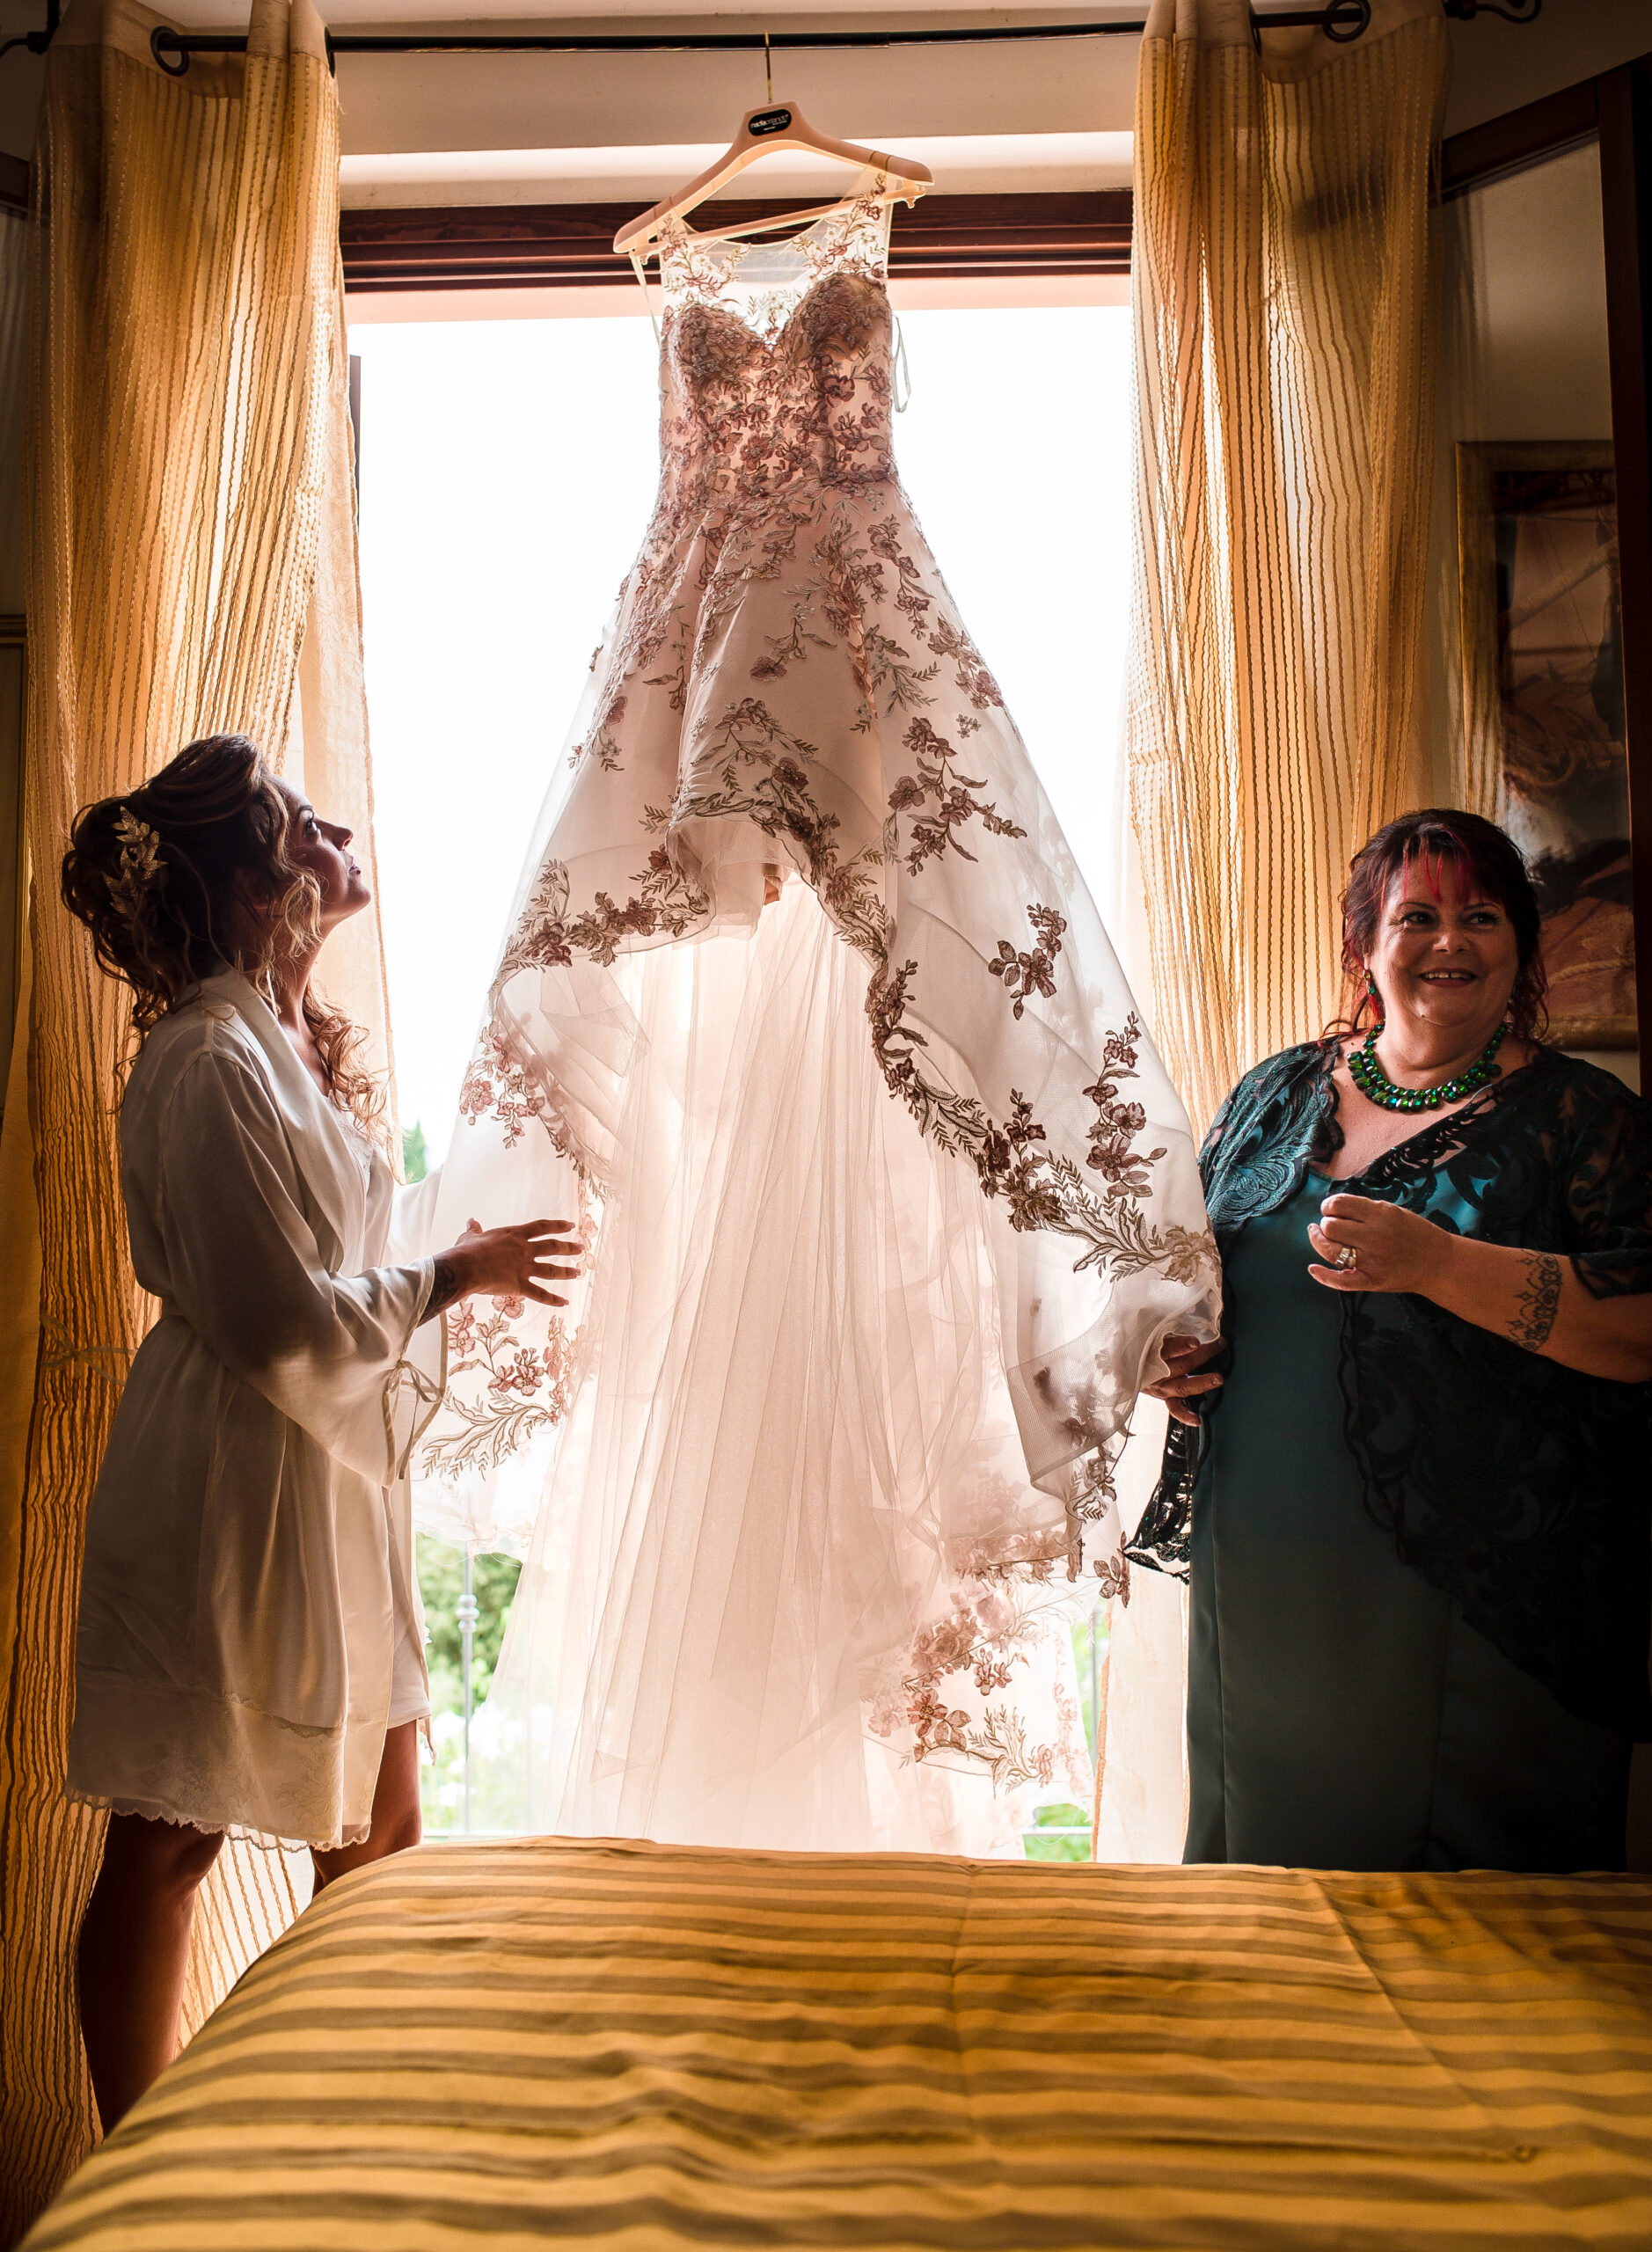 mamma della sposa e la sposa vicino al vestito